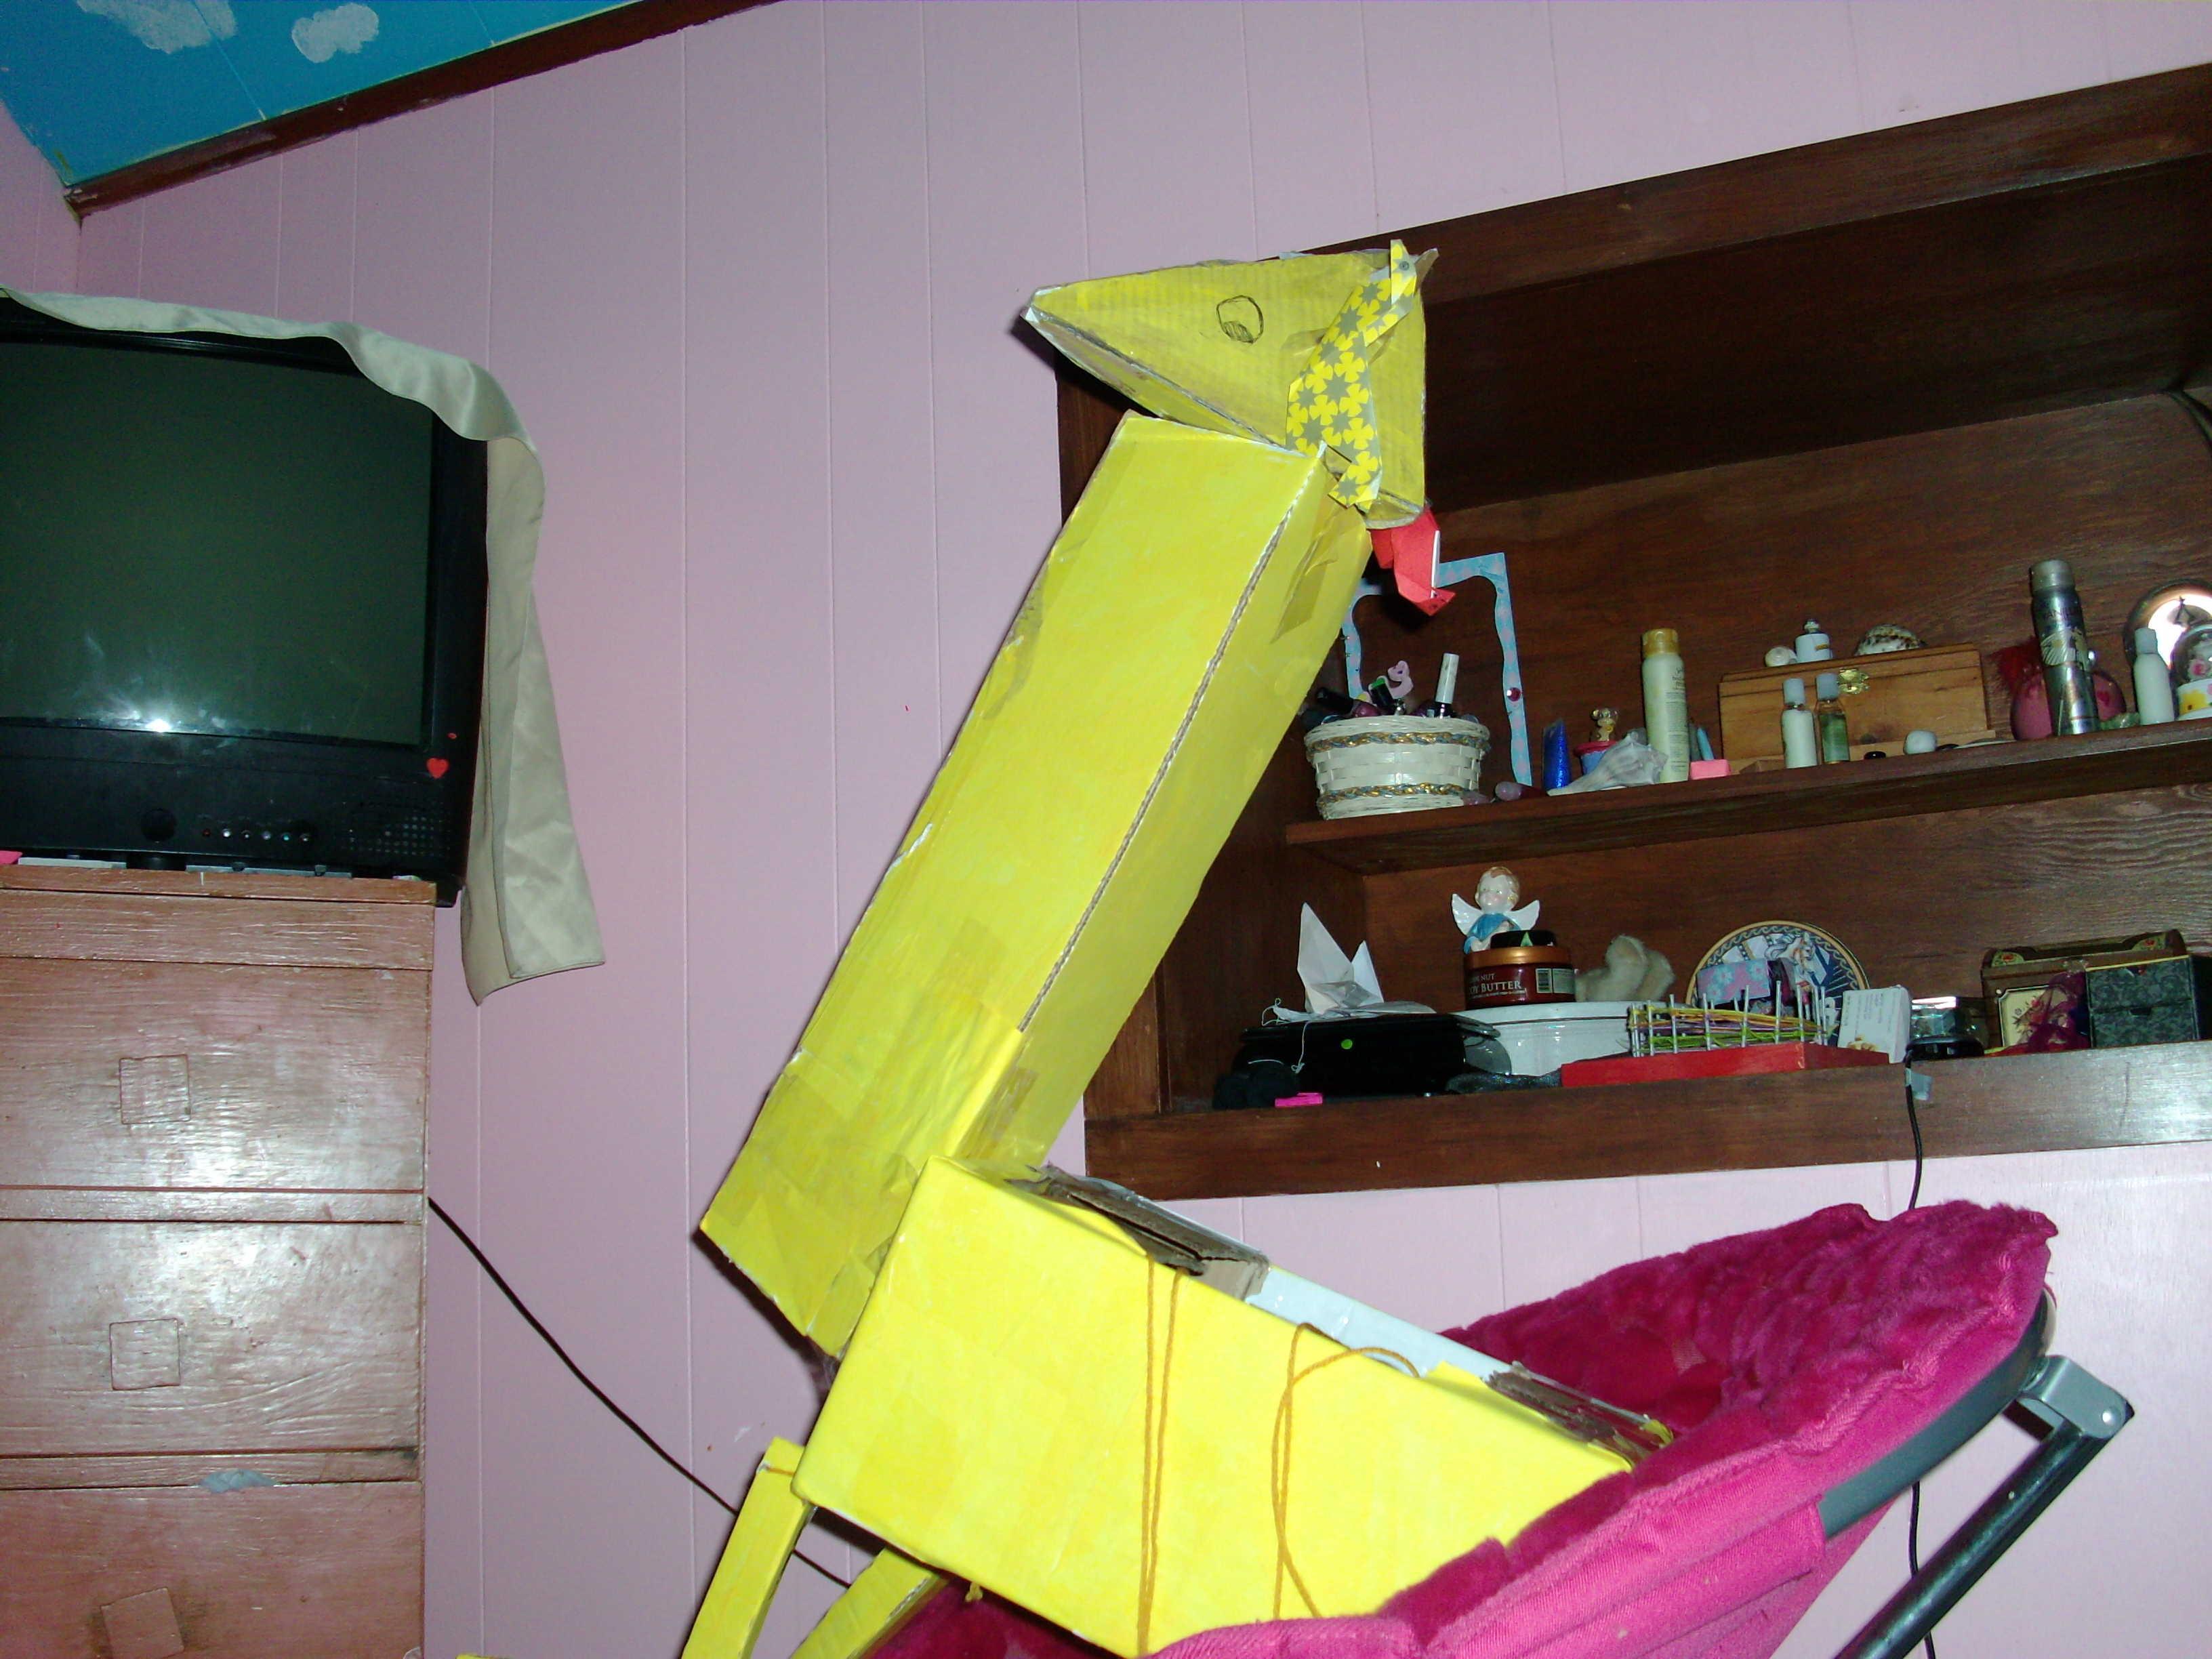 My Cardboard Giraffe